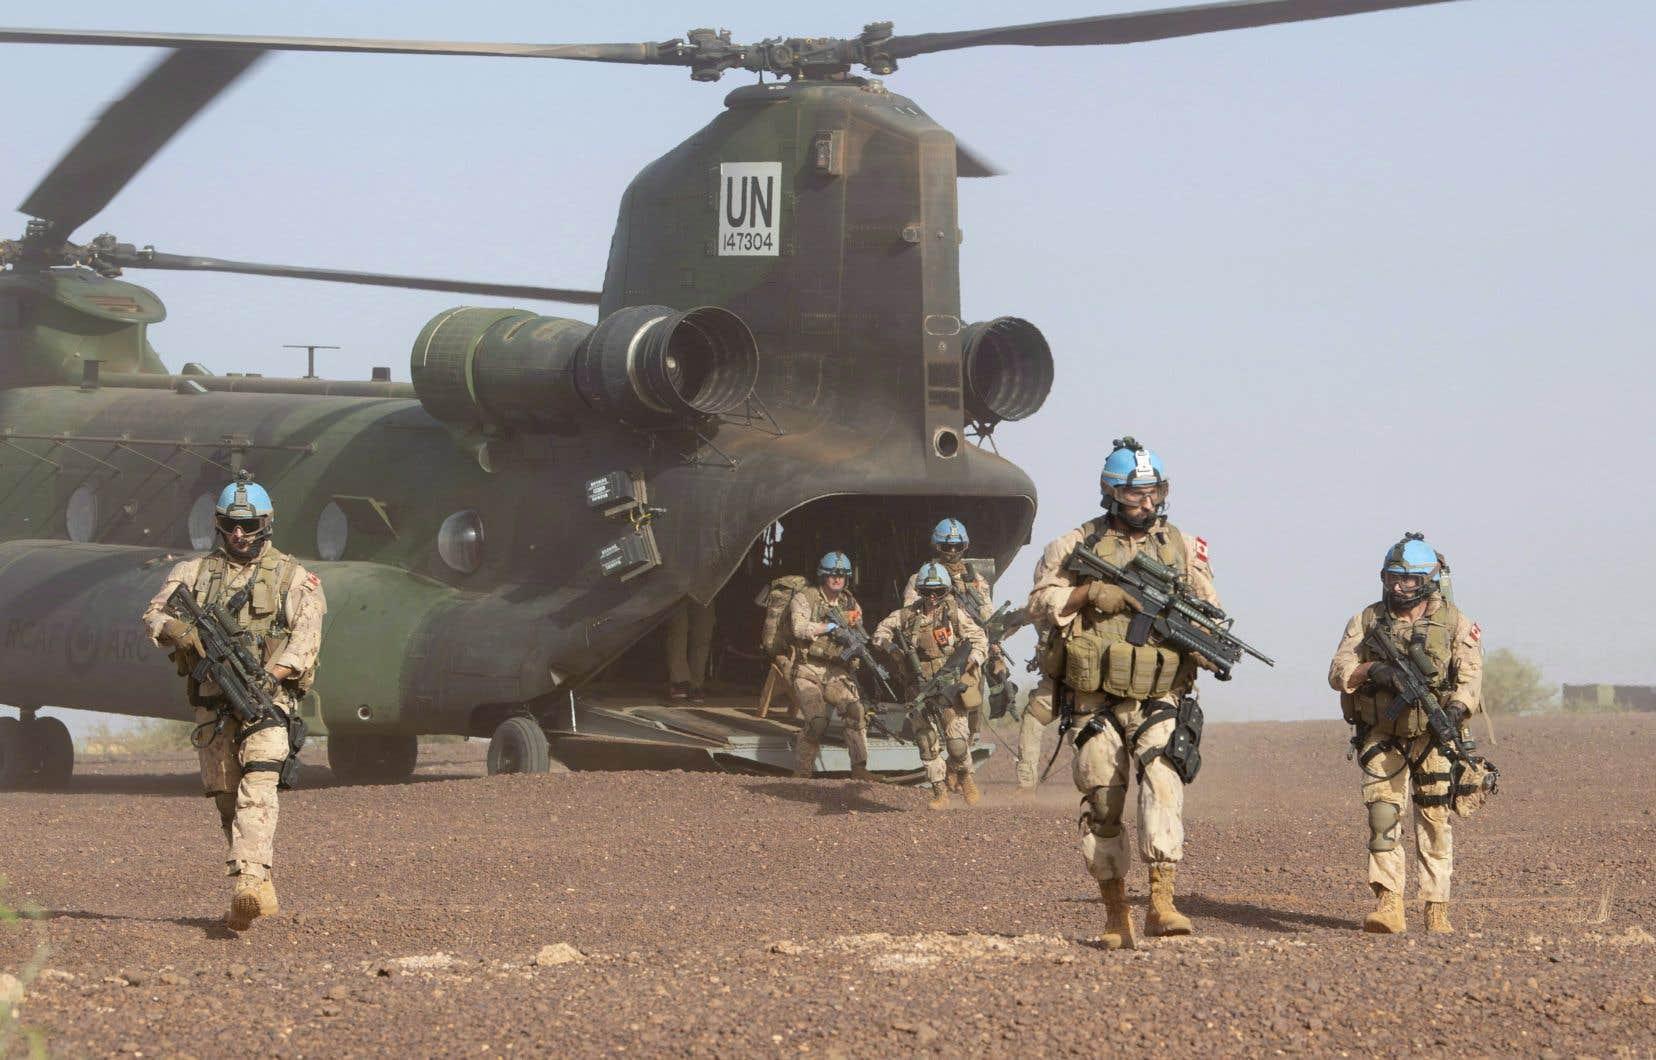 Le Canada a déployé huit hélicoptères et 250 militaires au Mali pour appuyer une mission de l'ONU depuis juillet 2018.